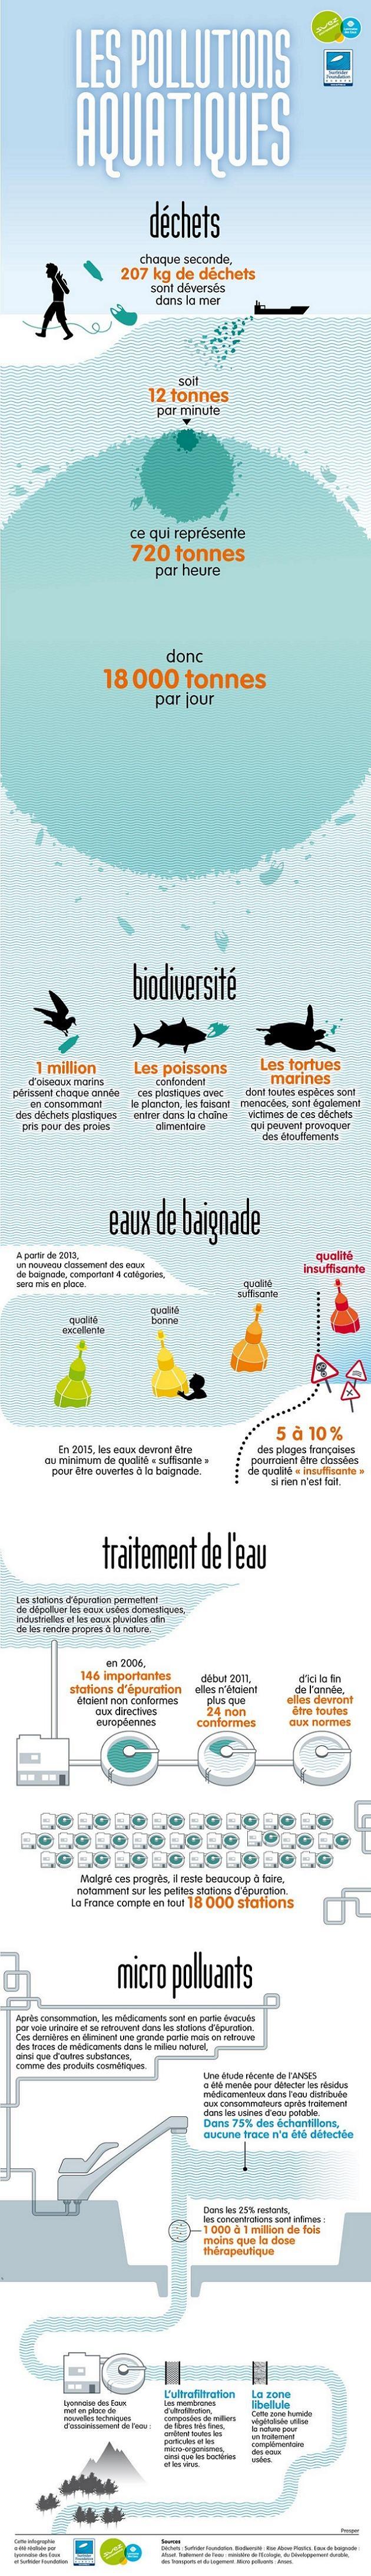 infographie-pollutions-aquatiques.jpg (630×4373)